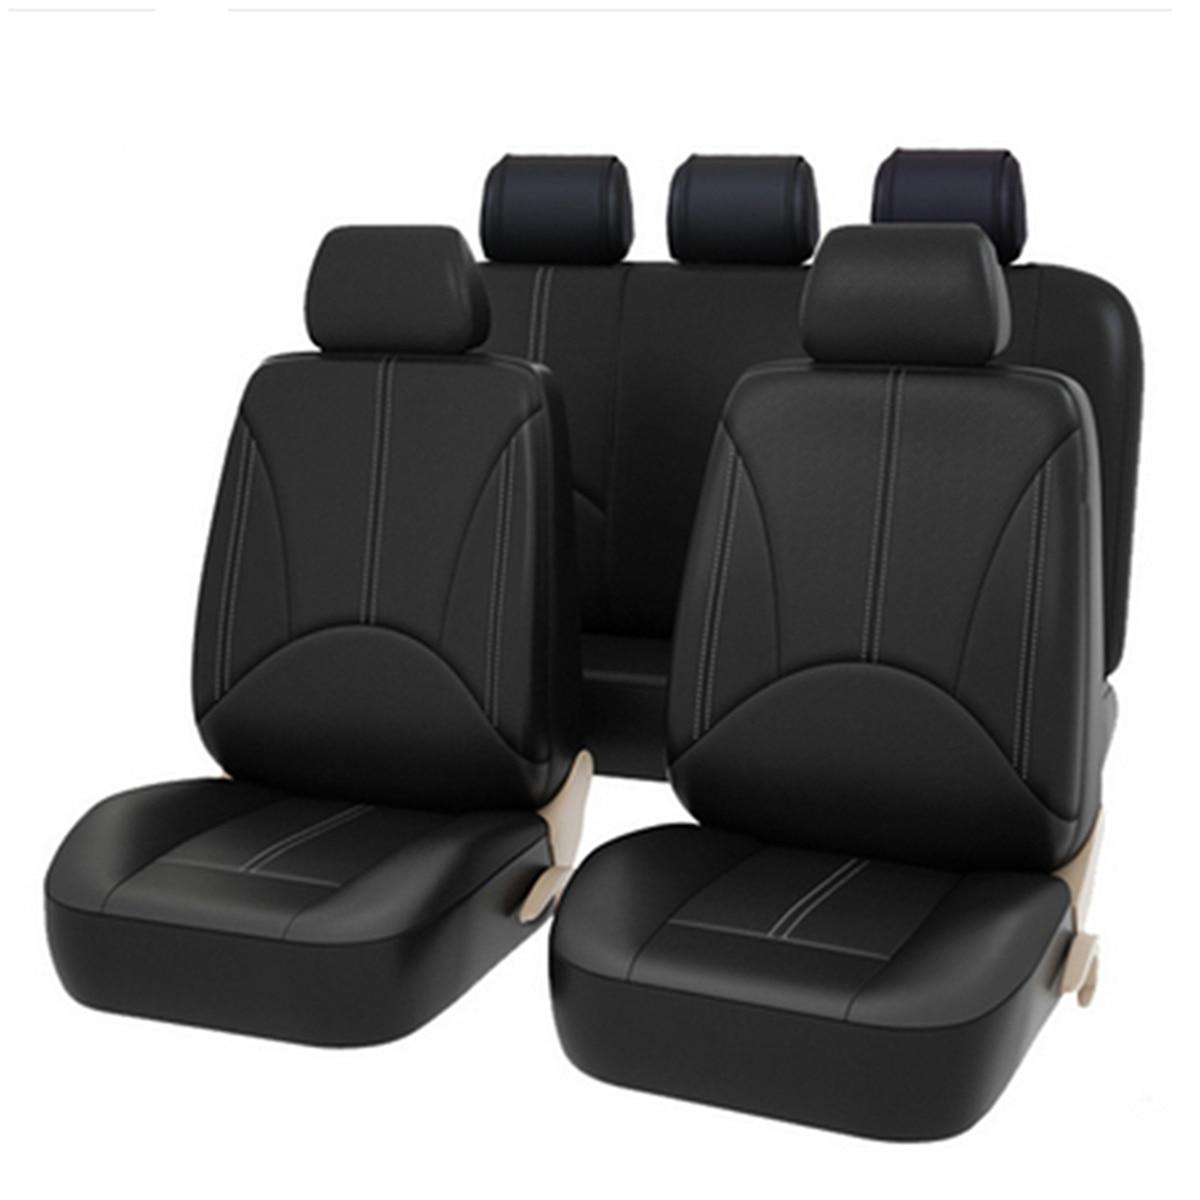 אוניברסלי רכב עור מפוצל מול רכב מושב מכסה בחזרה דלי רכב כיסוי אוטומטי פנים רכב מושב מגן כיסוי באיכות גבוהה